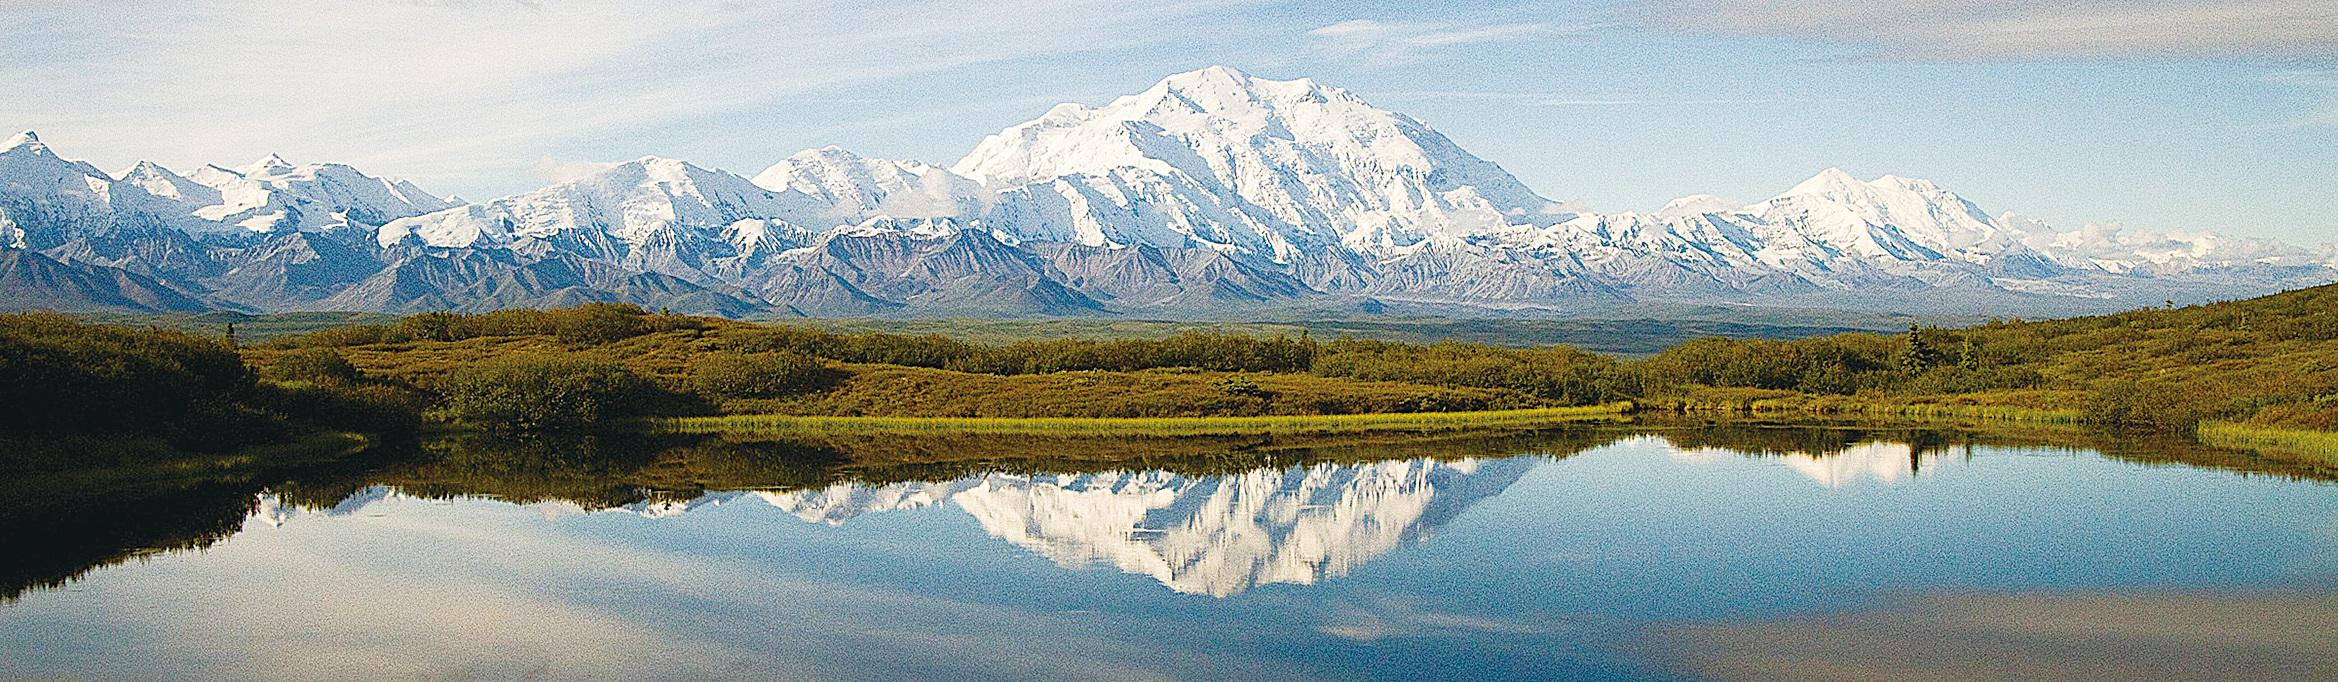 海拔6千多米的麥金利峰鶴立雞群。山峰終年積雪,常年雲霧籠罩。只有天清氣爽時才能看到難得一見的山峰。(Denali National Park)